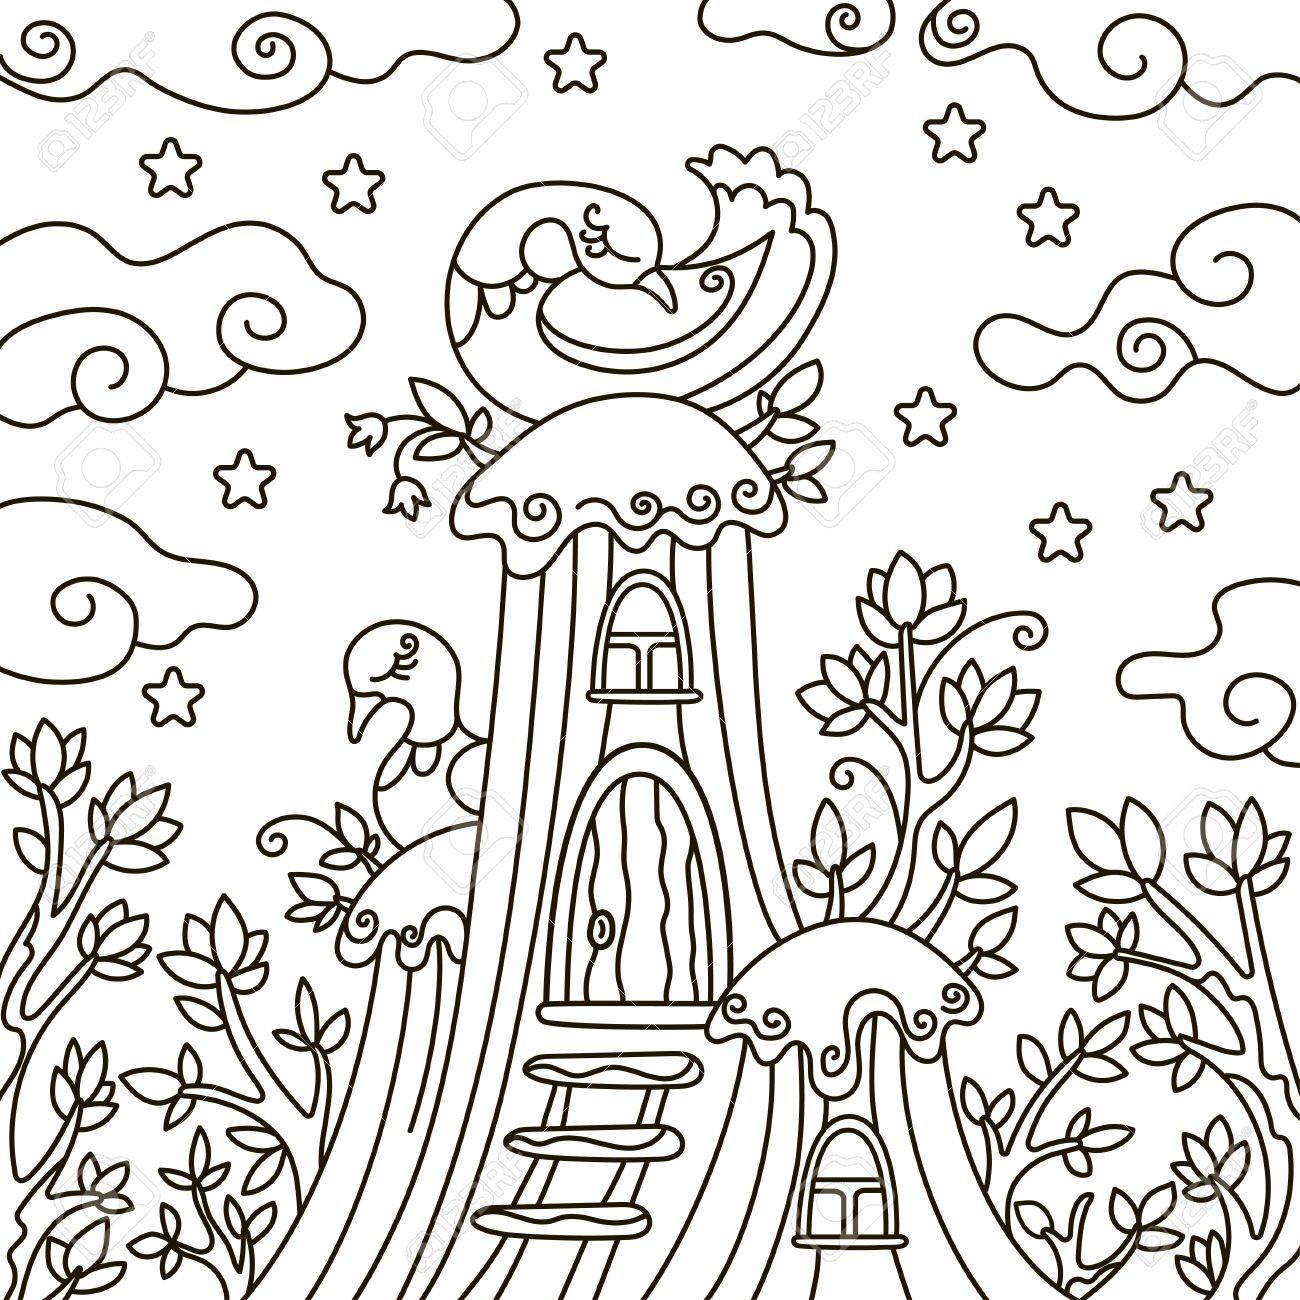 Coloriage Maison Dans La Foret.Illustration Vectorielle Contour Element De Design Un Livre De Coloriage Une Foret Magique Oiseau Nuit Arbre Maison Etoiles